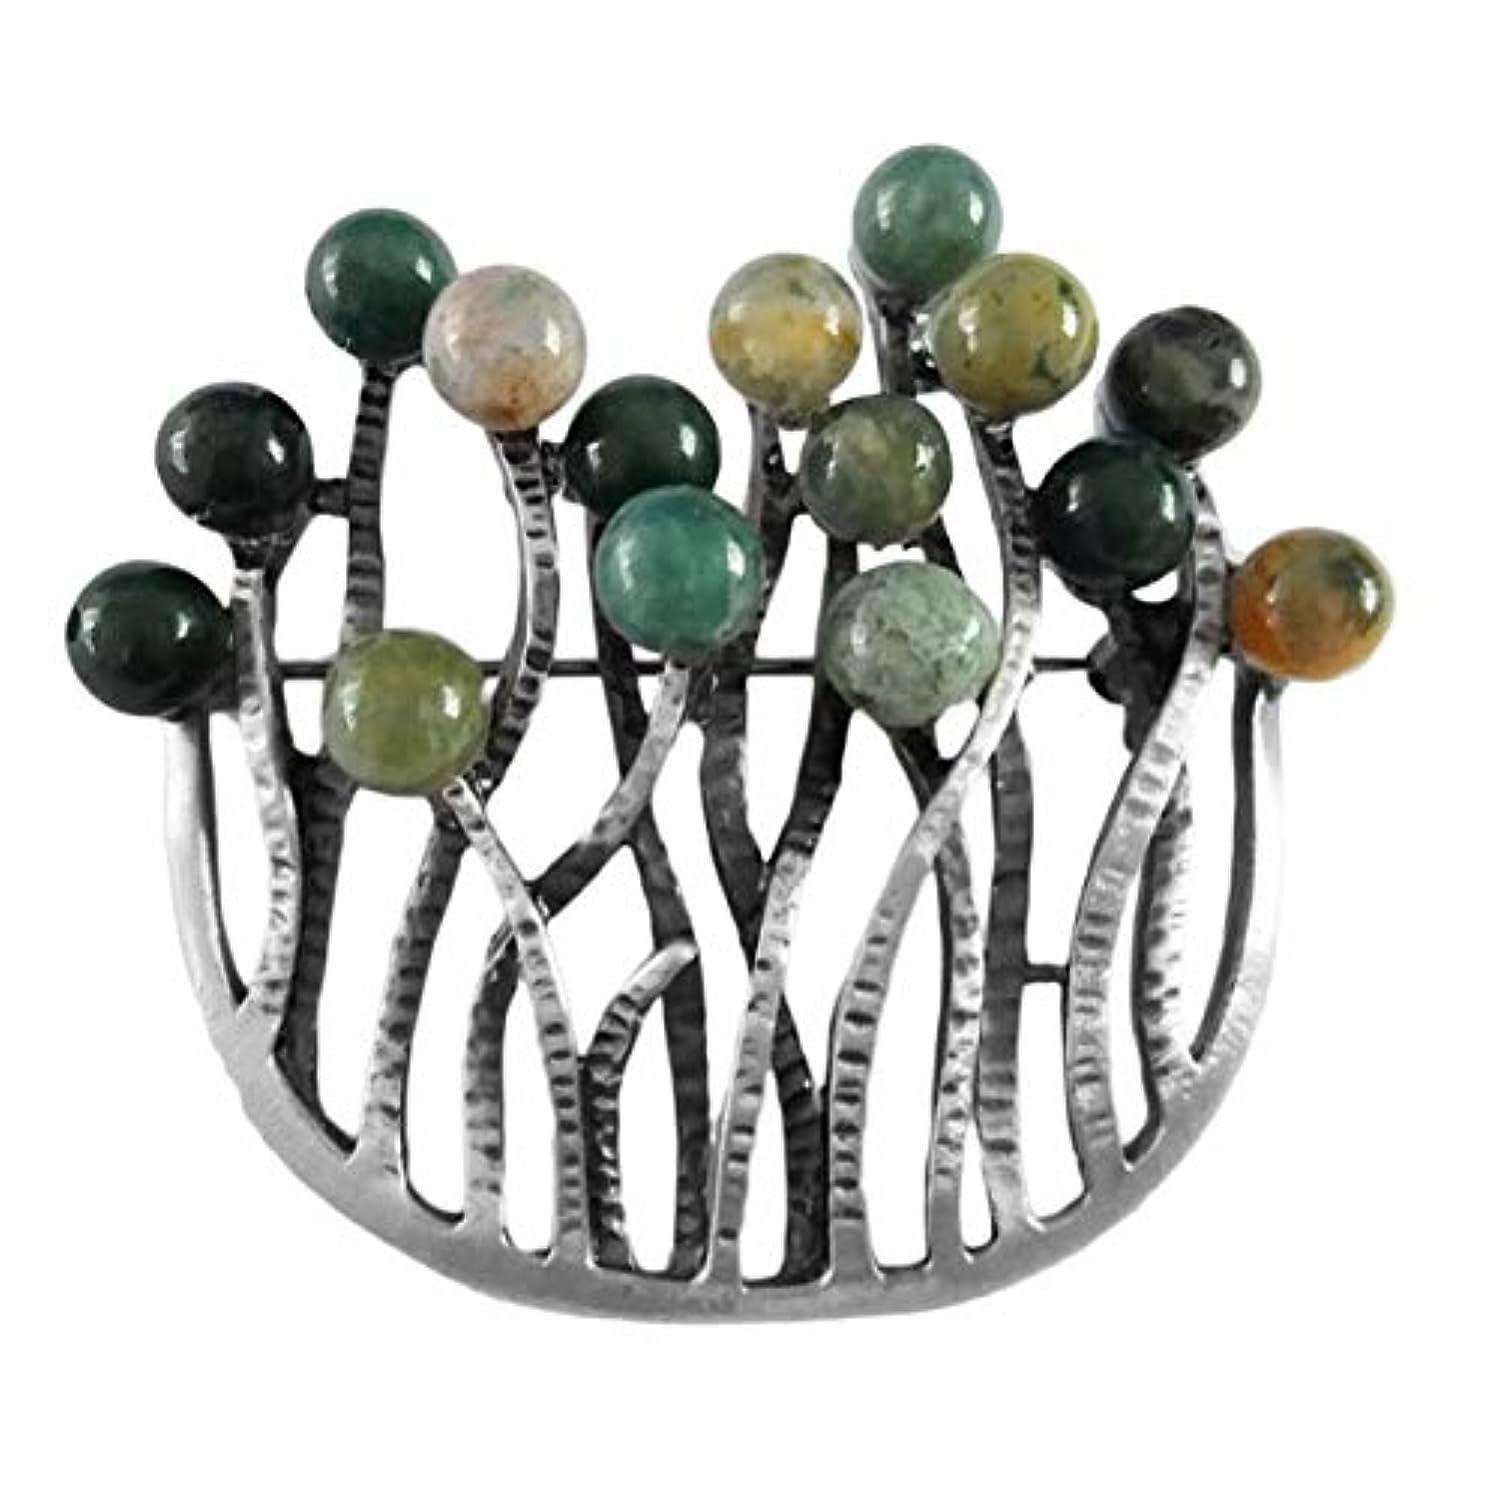 奨励モンキー環境に優しいDeeploveUU スタイリッシュなヴィンテージ高級人工真珠の花柄スカーフブローチレディースジュエリーパーティーウェディングアクセサリー用ギフト